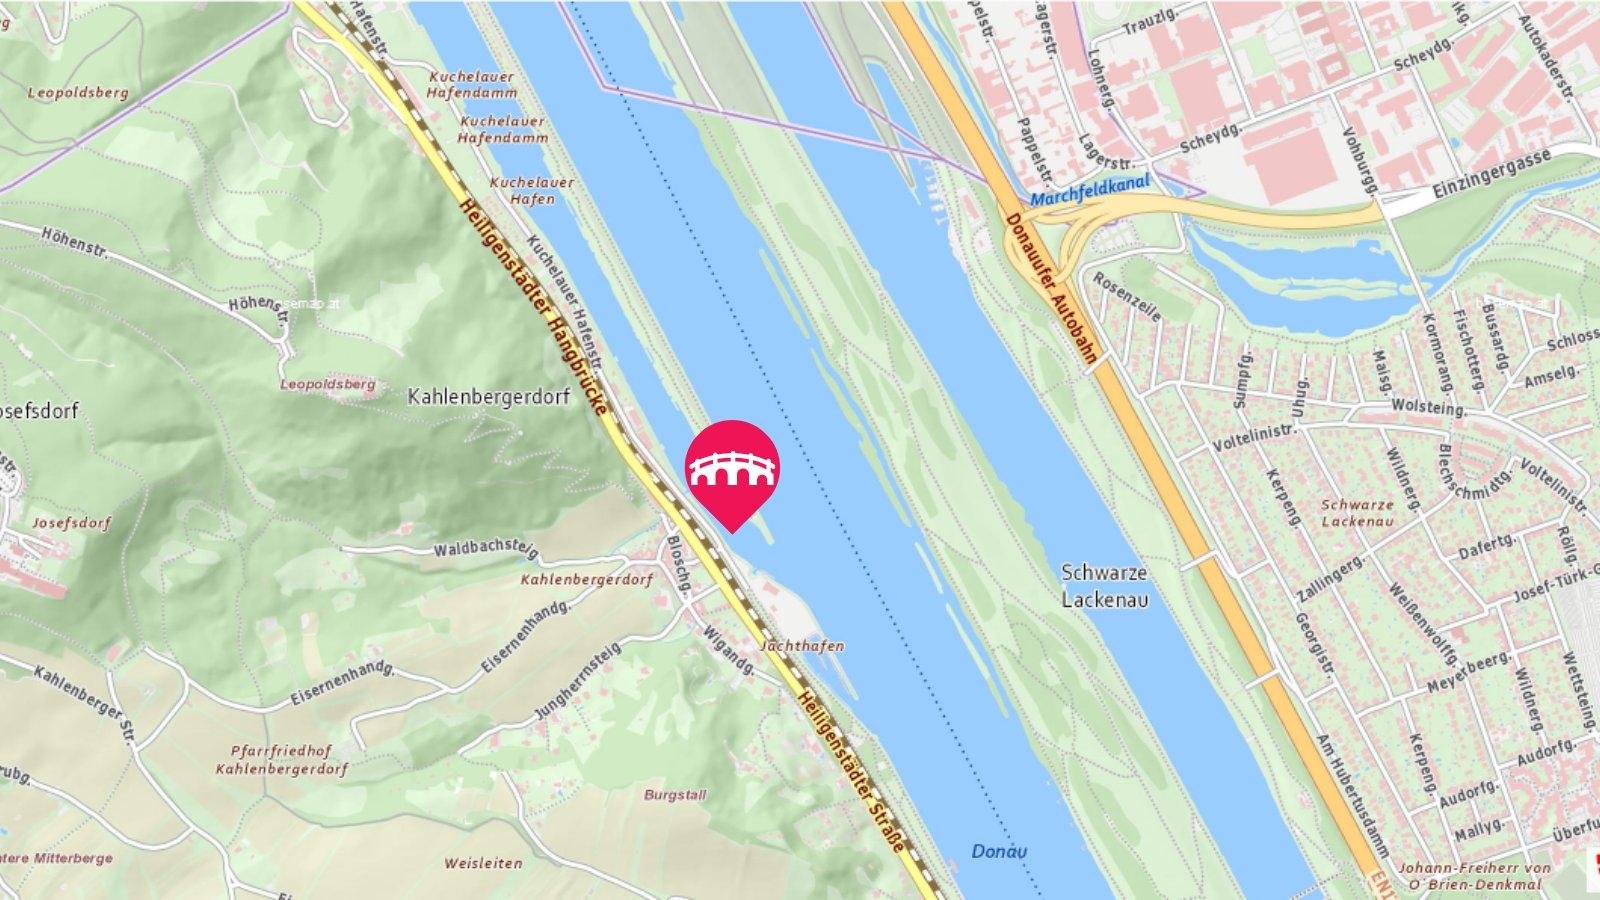 Stadtplan Wien zeigt die Position der neuen Brücke für den Rad- und Fußverkehr